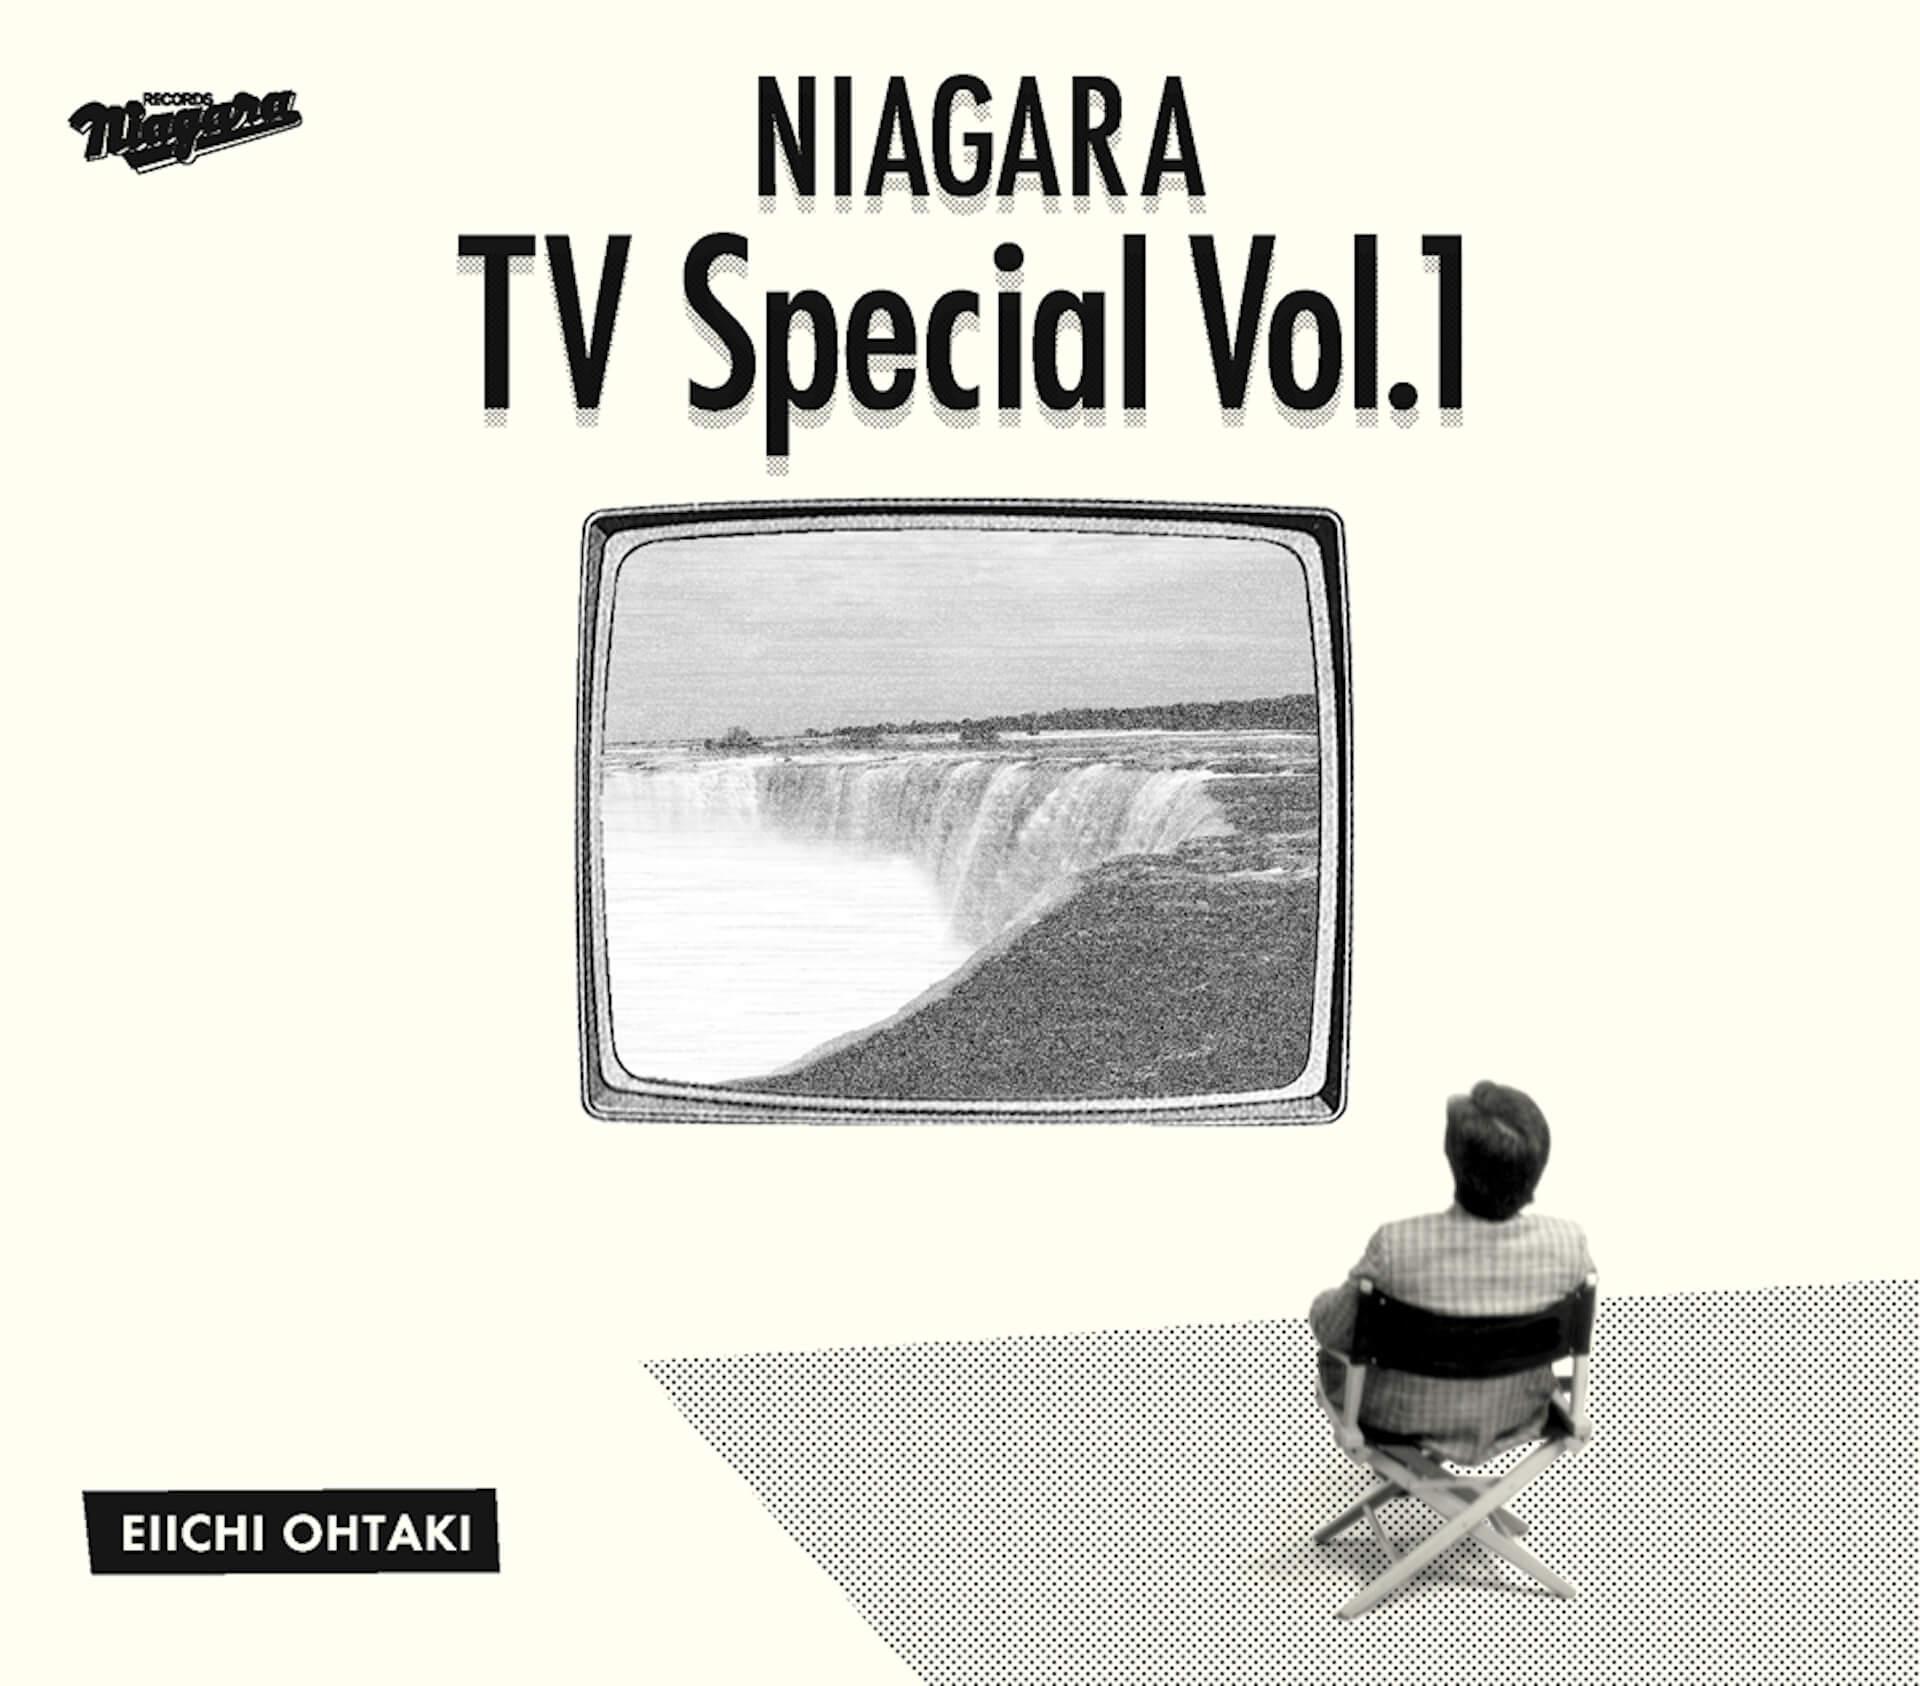 大滝詠一デビュー50周年記念盤『Happy Ending』初回盤に収録されるレア音源集『Niagara TV Special Vol.1』のジャケットが解禁! music200221_niagaratvspecial_1